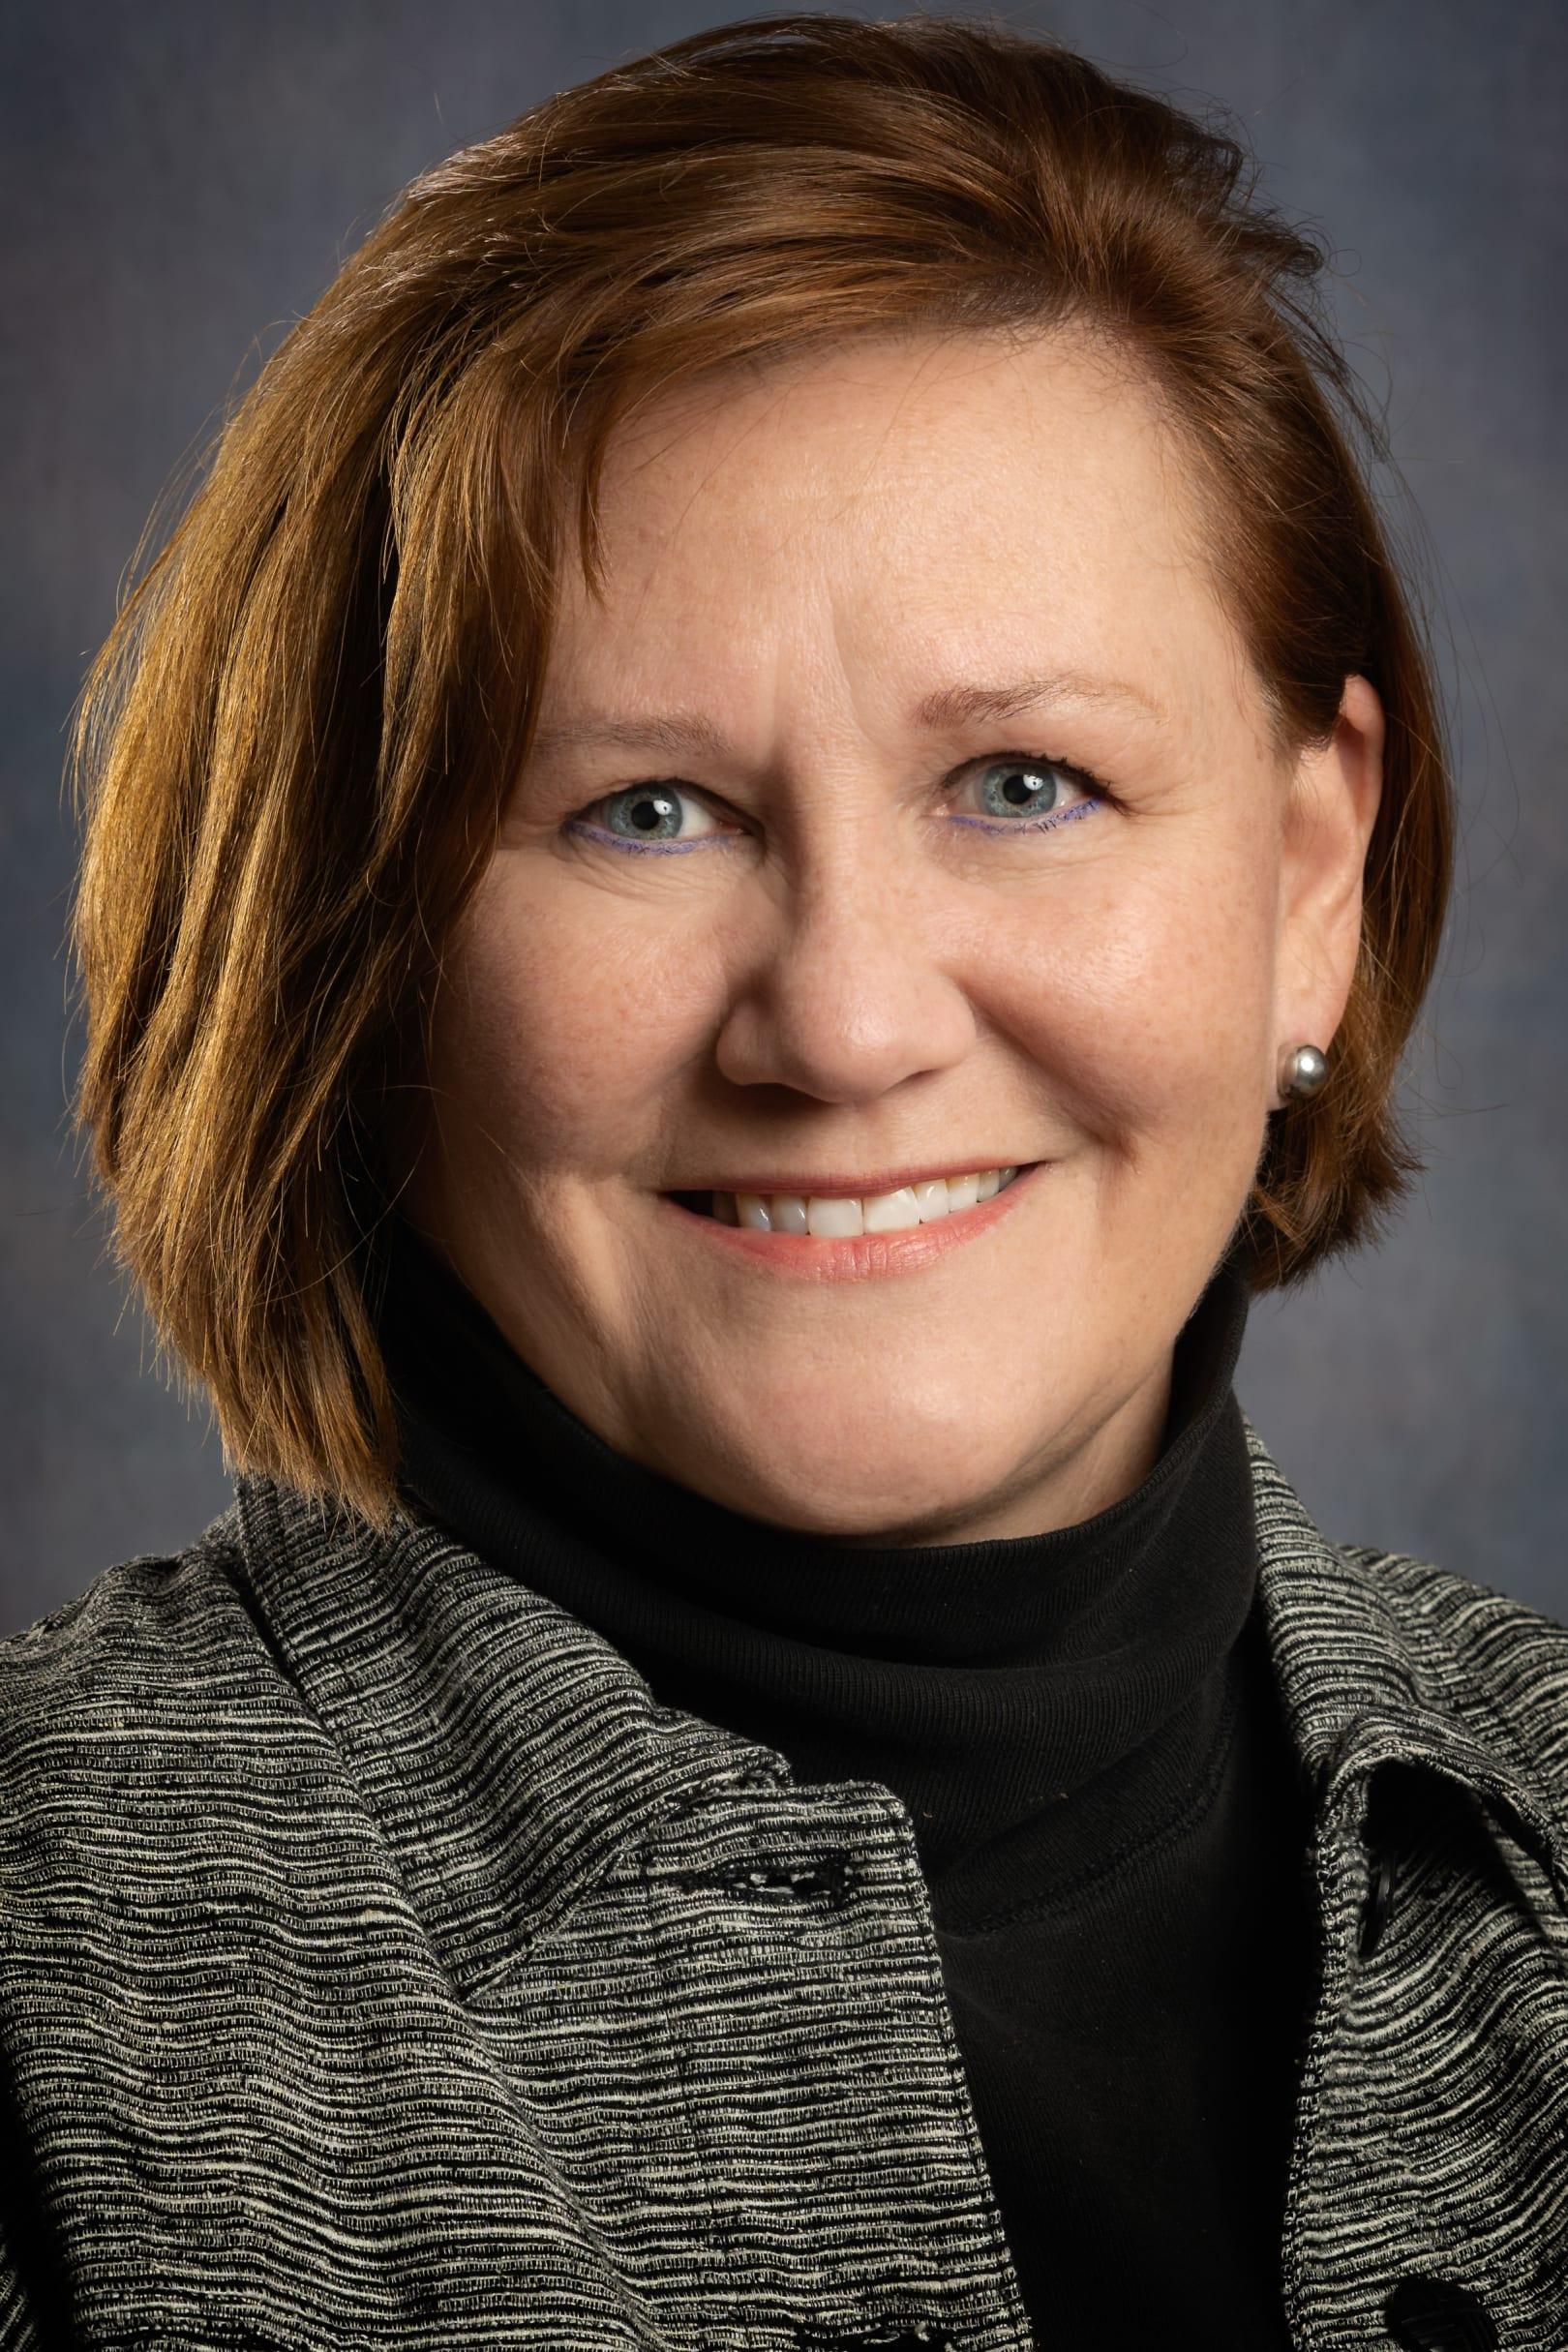 Maureen Guttman headshot